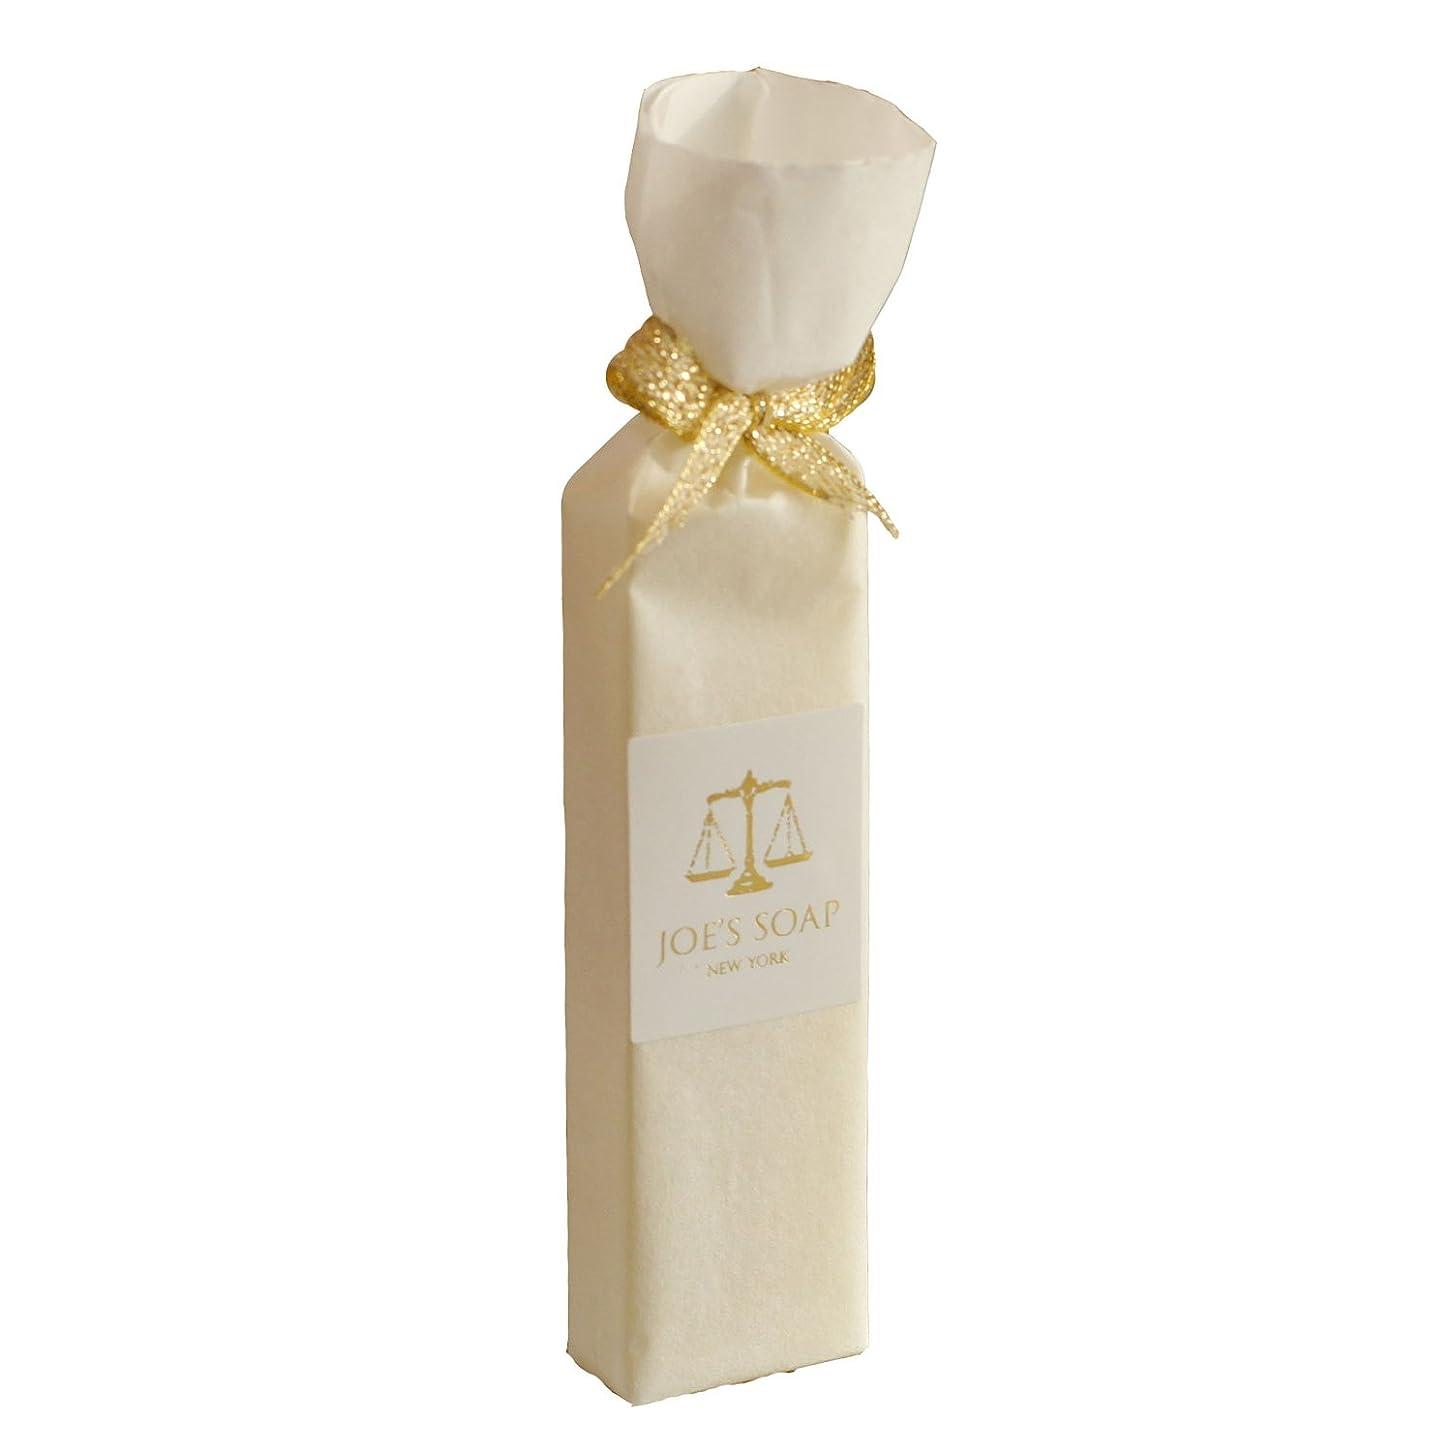 結び目カジュアル白内障JOE'S SOAP ジョーズソープ オリーブソープ NO.1 20g お試し 石鹸 無香料 無添加 オーガニック 洗顔 洗顔料 保湿 オリーブ 石けん せっけん 固形 乾燥肌 敏感肌 ベビー 赤ちゃん ギフト プレゼント 宅配便